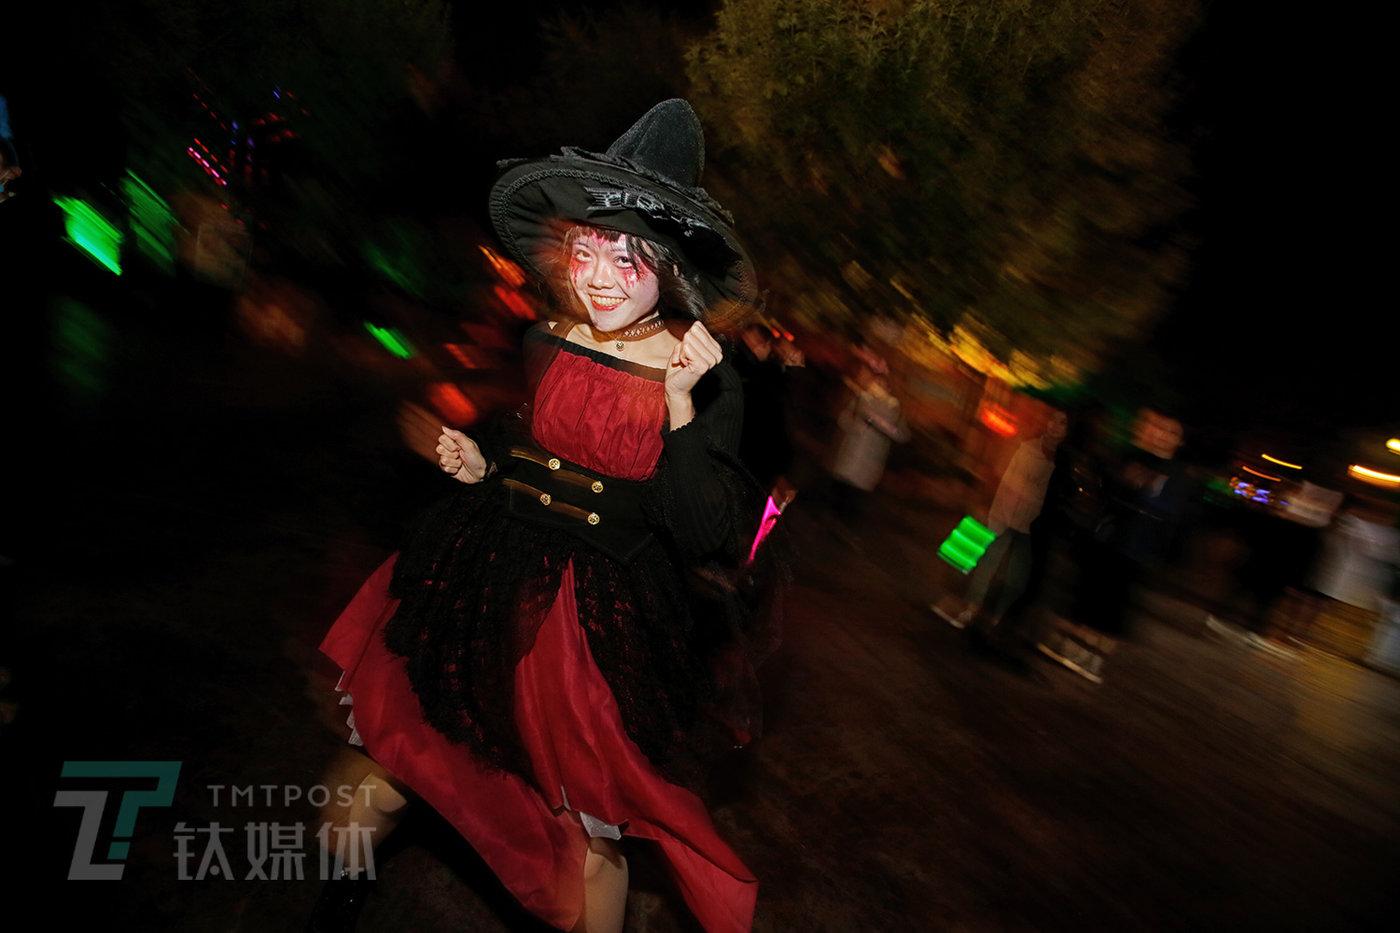 11月1日,北京欢乐谷,万圣节游园夜,一名跳舞的游客。